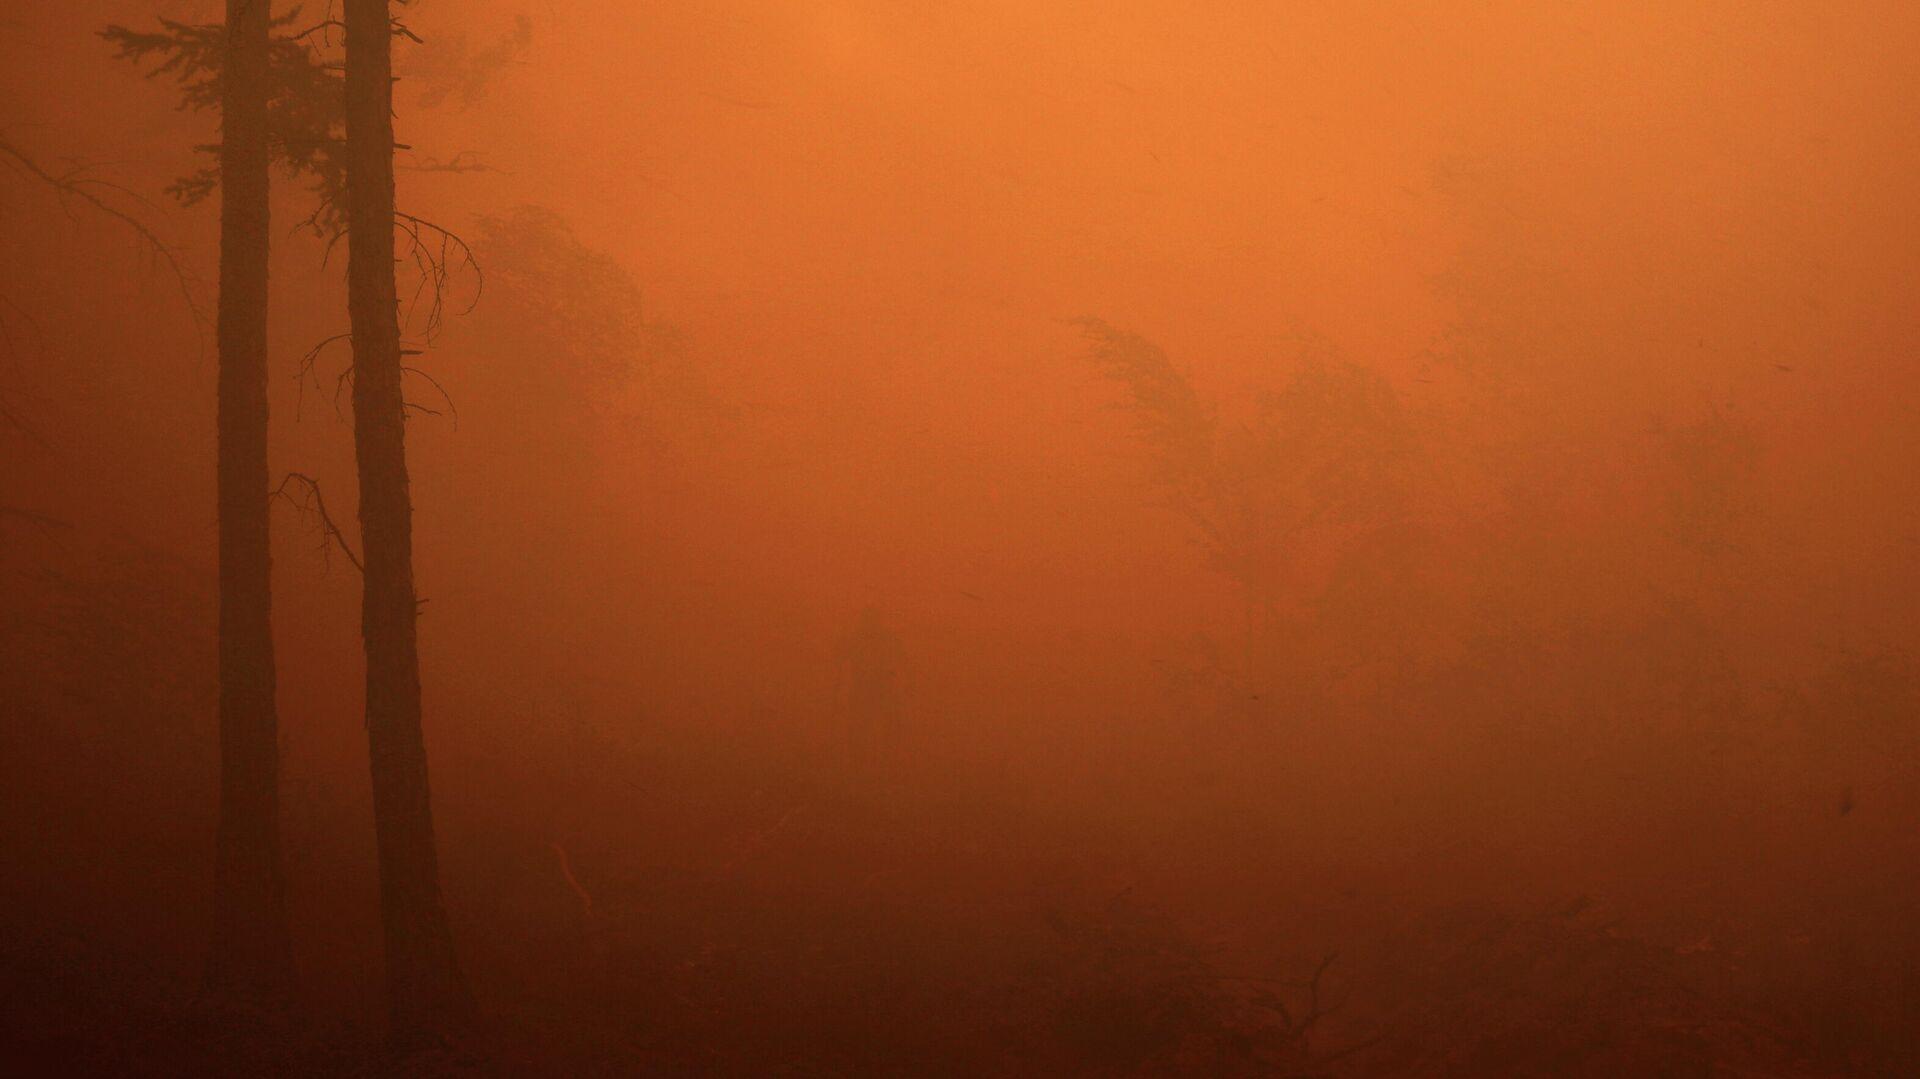 Los incendios forestales en Yakutia, Rusia - Sputnik Mundo, 1920, 03.08.2021